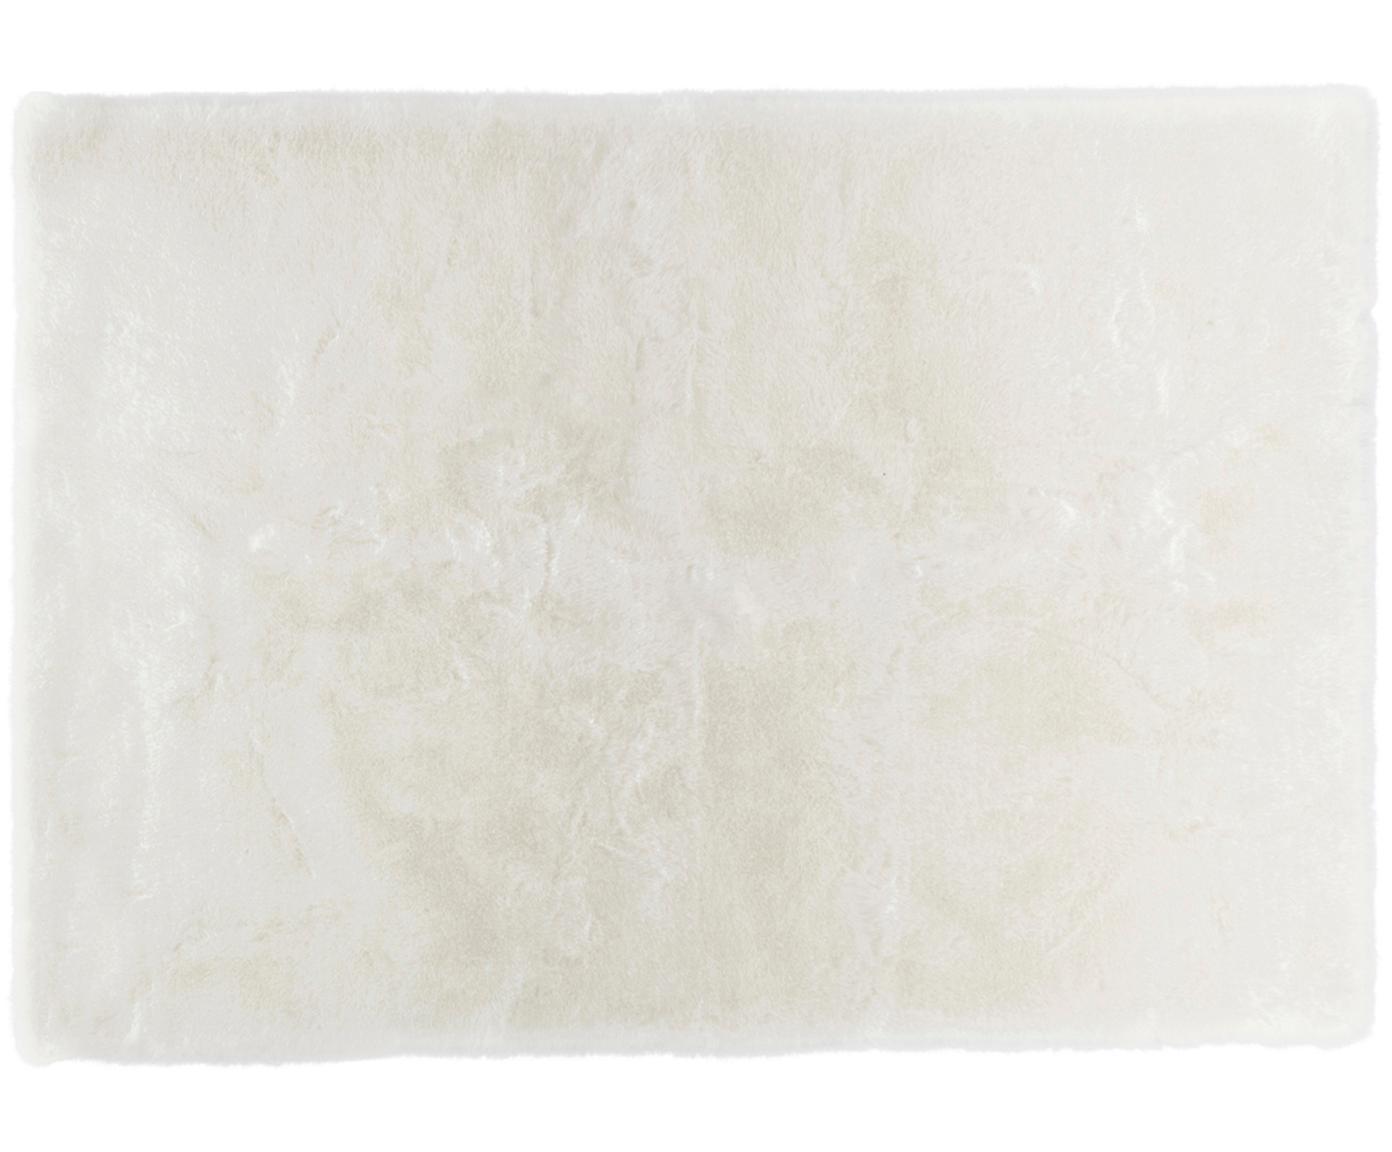 Dywan z wysokim stosem ze sztucznego futra Superior, Biały, S 120 x D 170 cm (Rozmiar S)